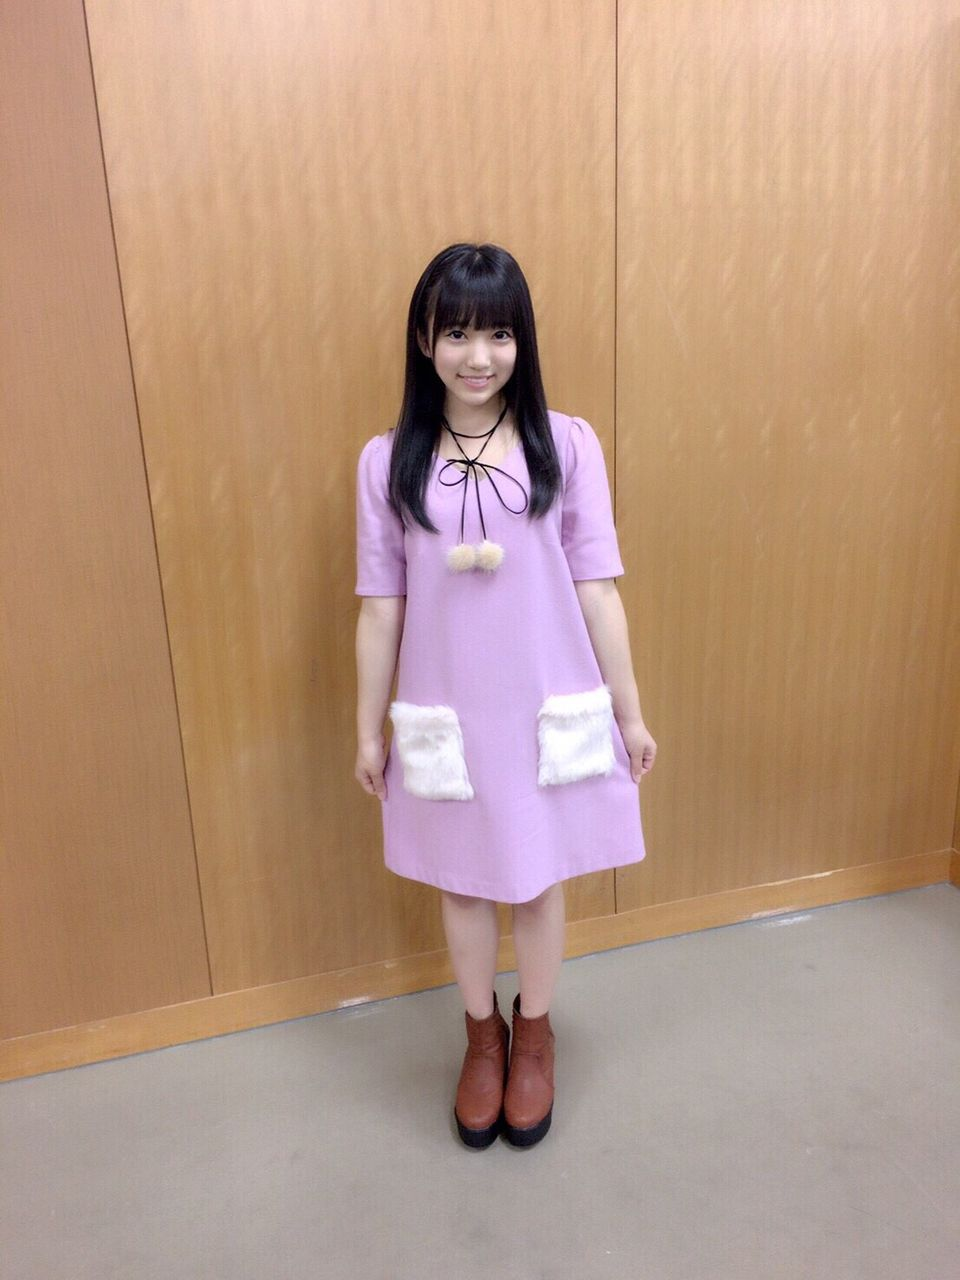 矢吹奈子の私服画像